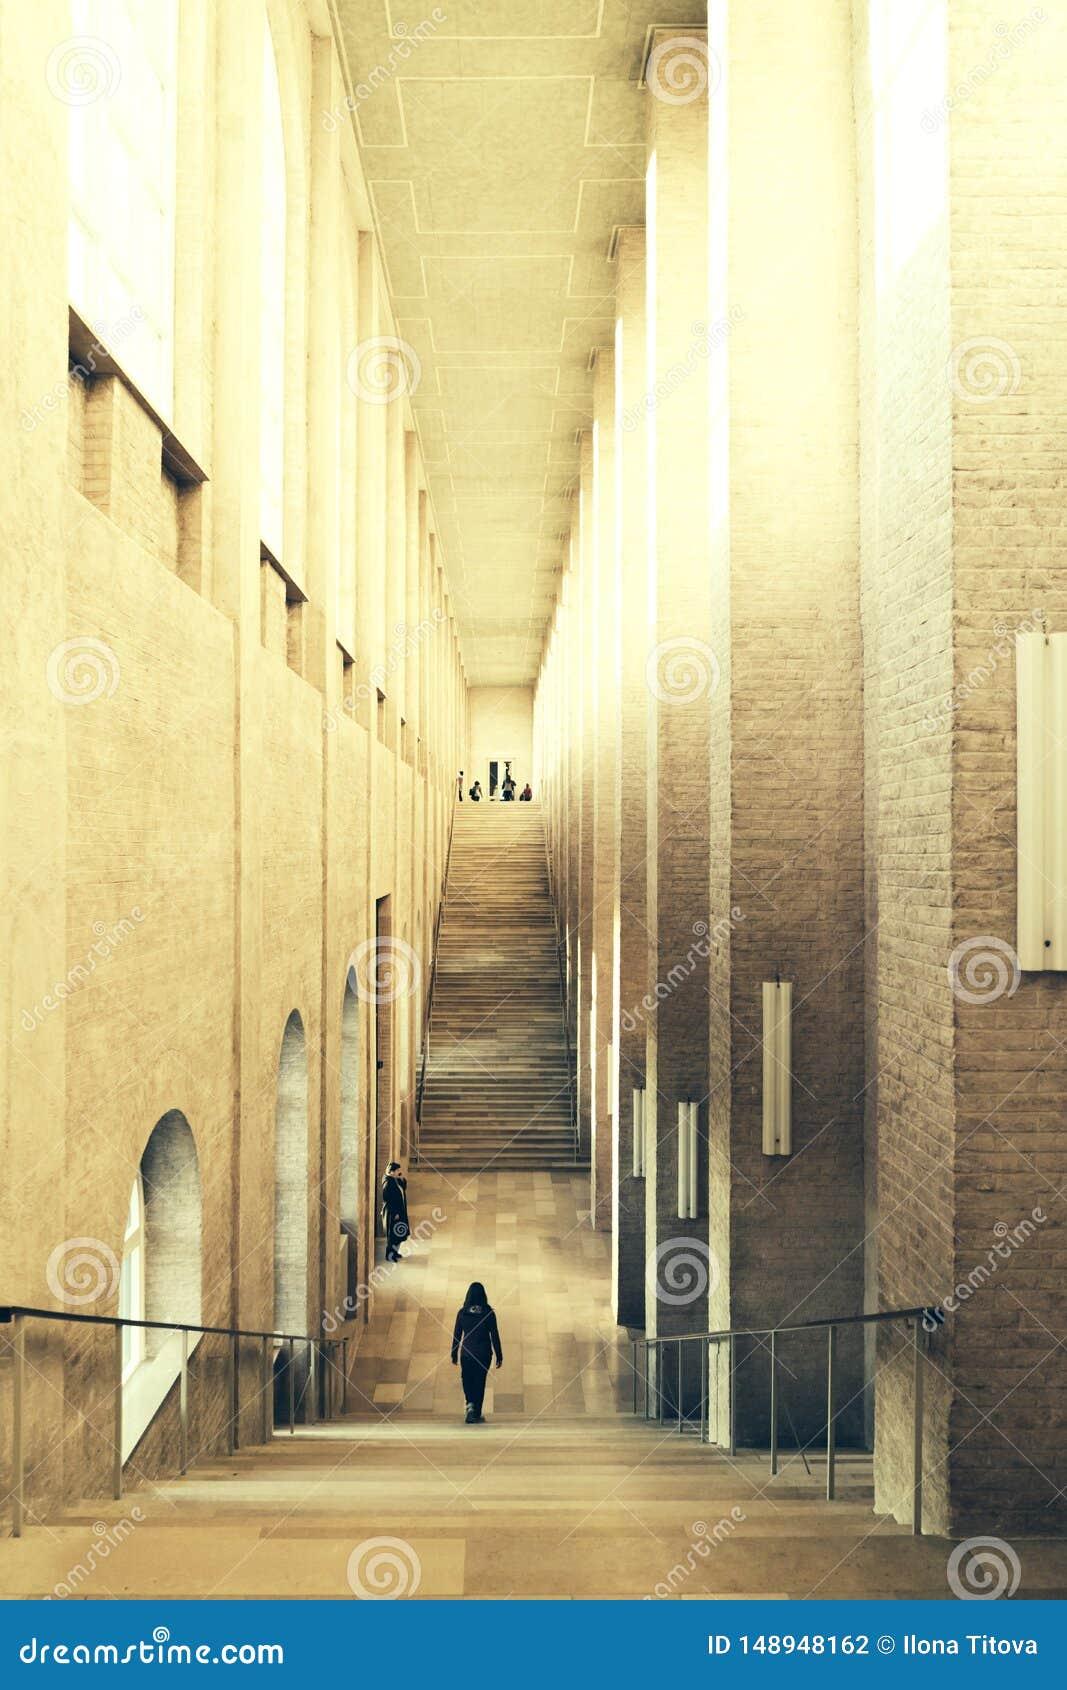 Διάδρομος με τις ψηλές στήλες στο μουσείο